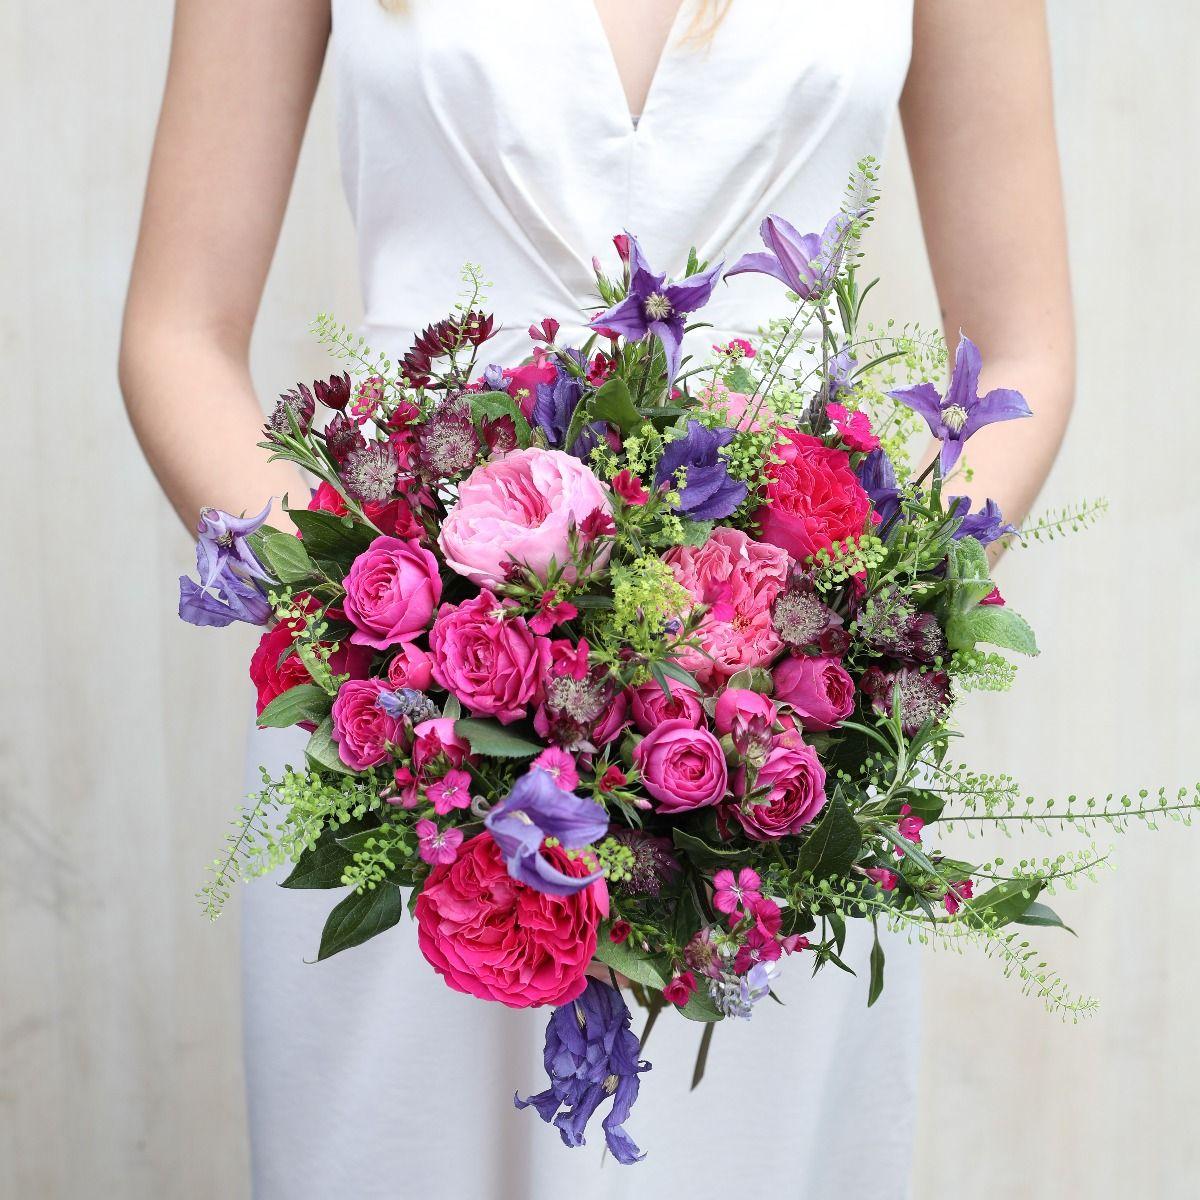 david austin jewel bridal bouquet